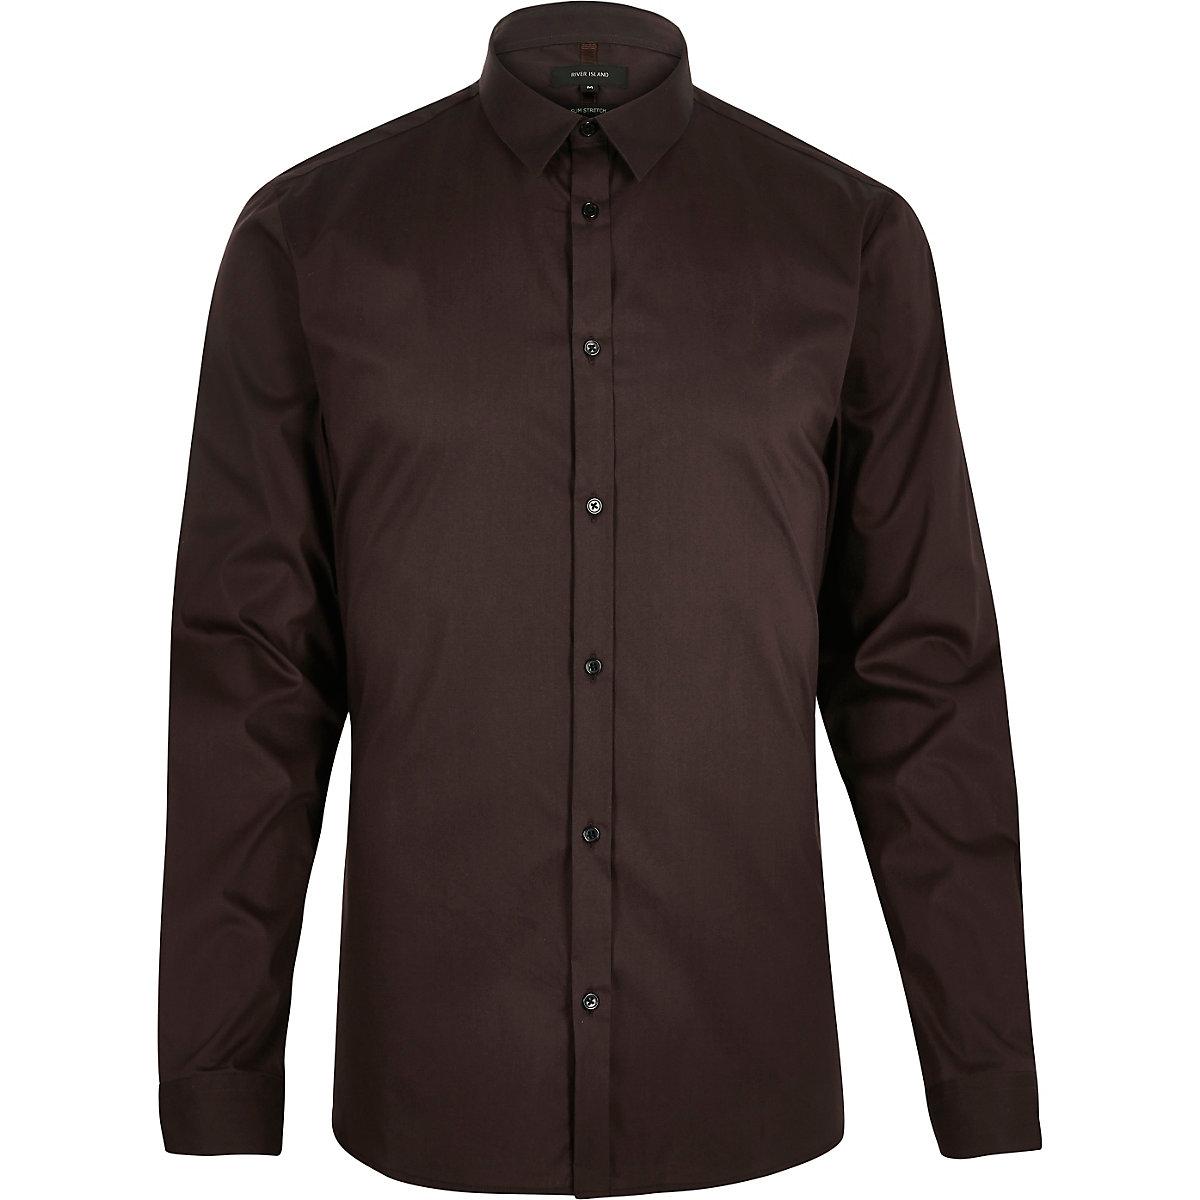 Chemise en stretch marron à manches longues coupe cintrée